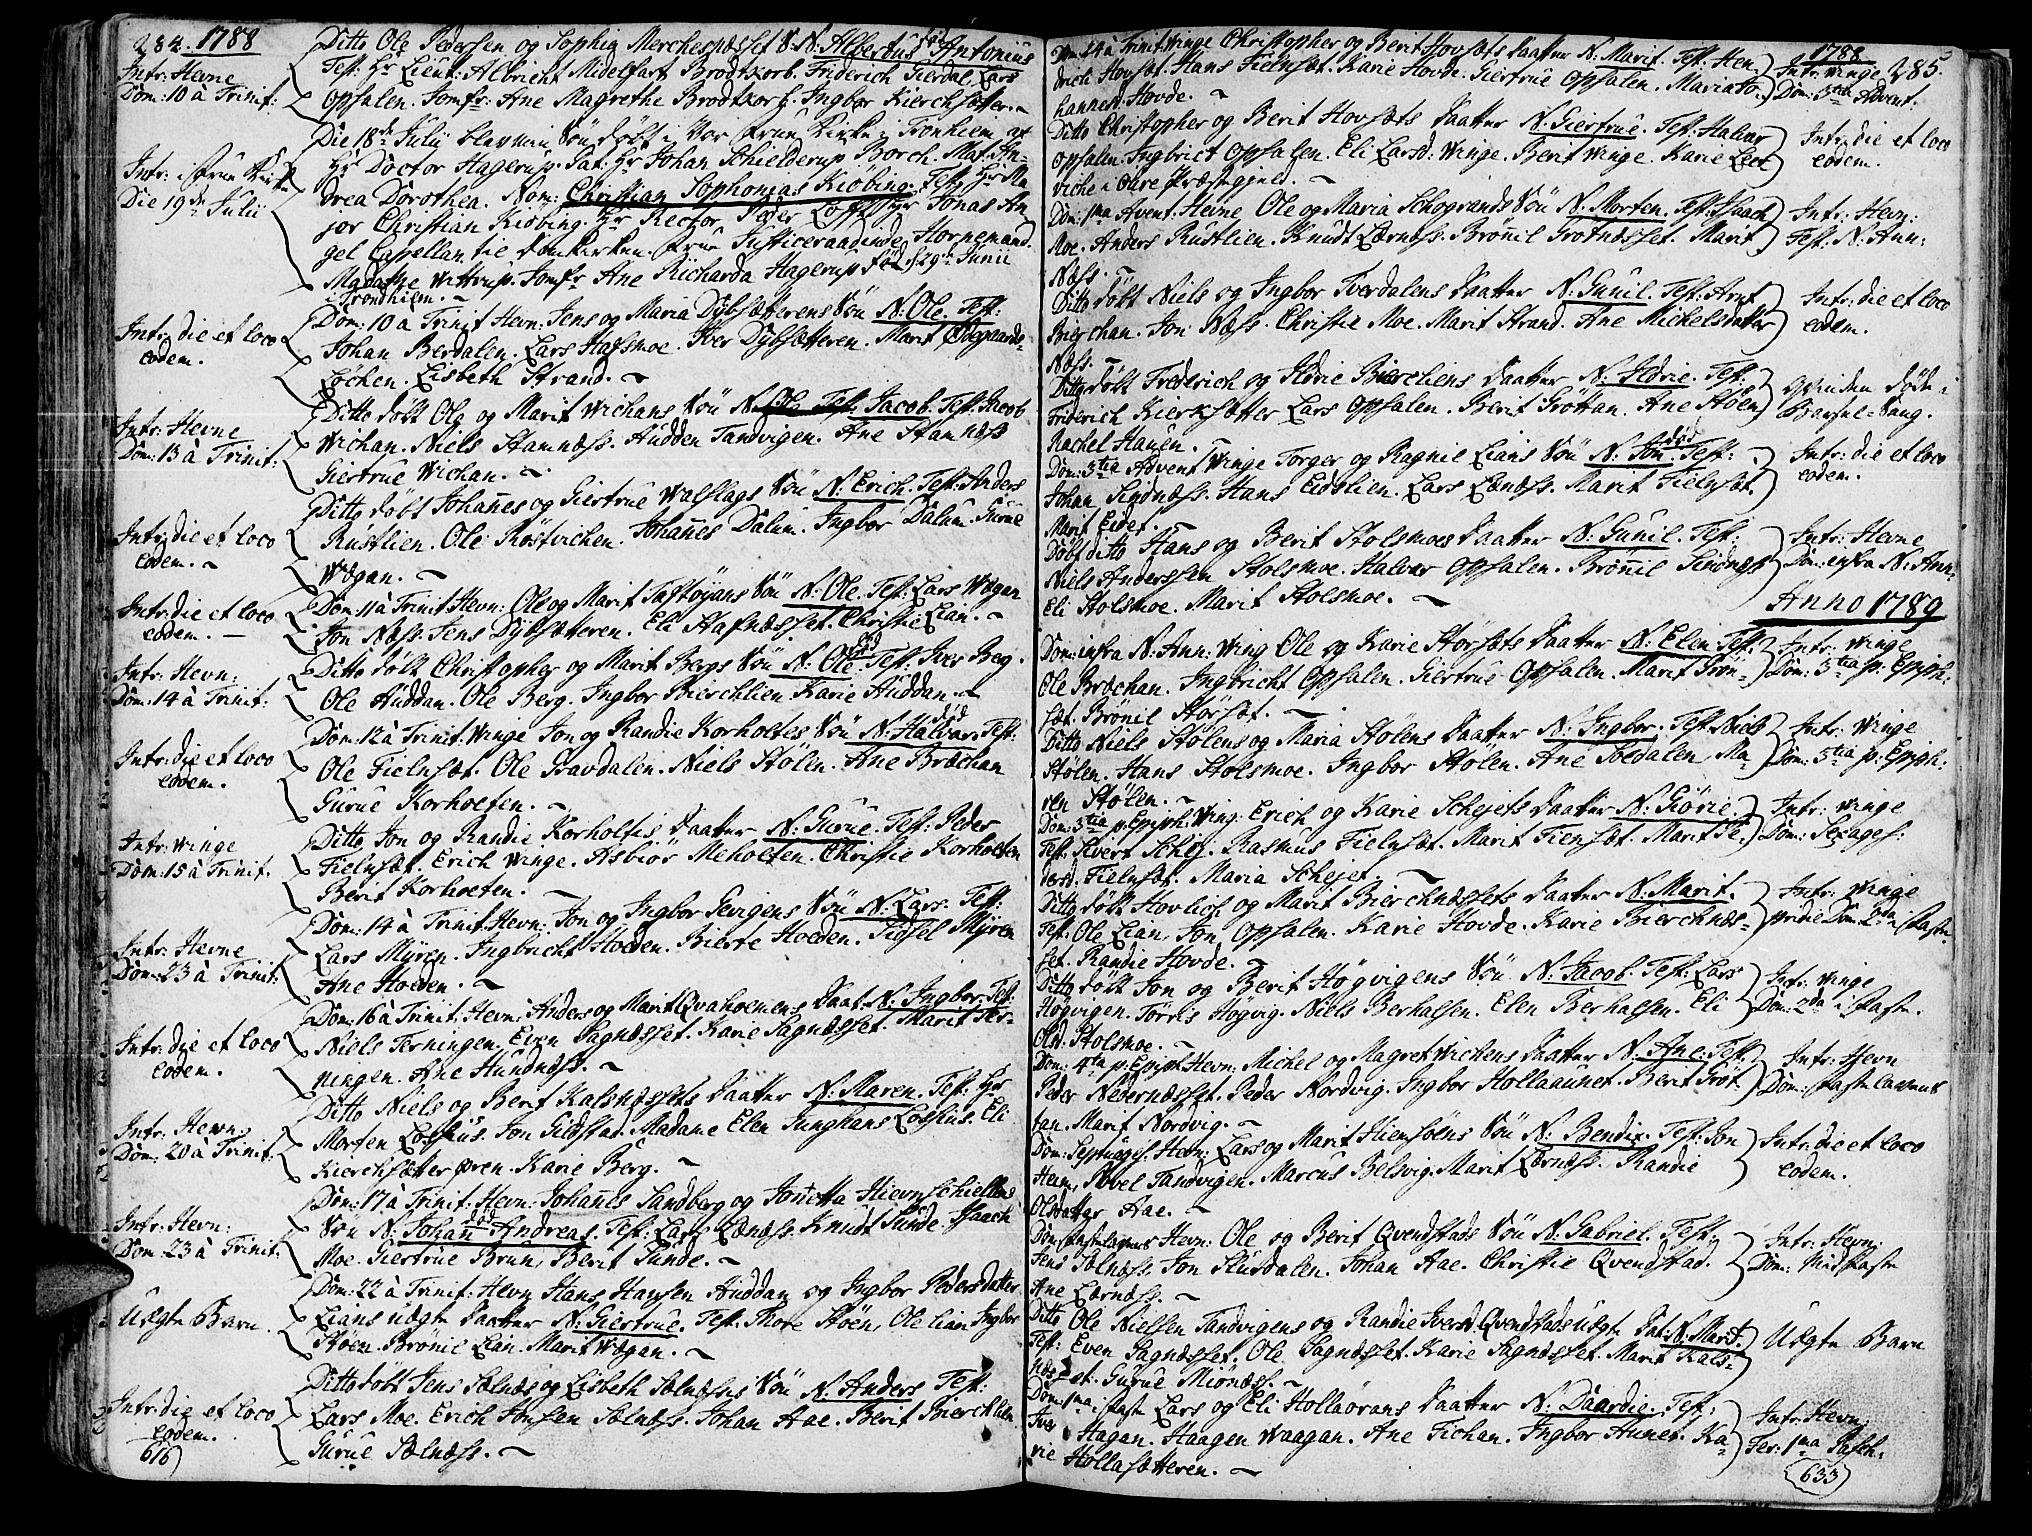 SAT, Ministerialprotokoller, klokkerbøker og fødselsregistre - Sør-Trøndelag, 630/L0489: Ministerialbok nr. 630A02, 1757-1794, s. 284-285